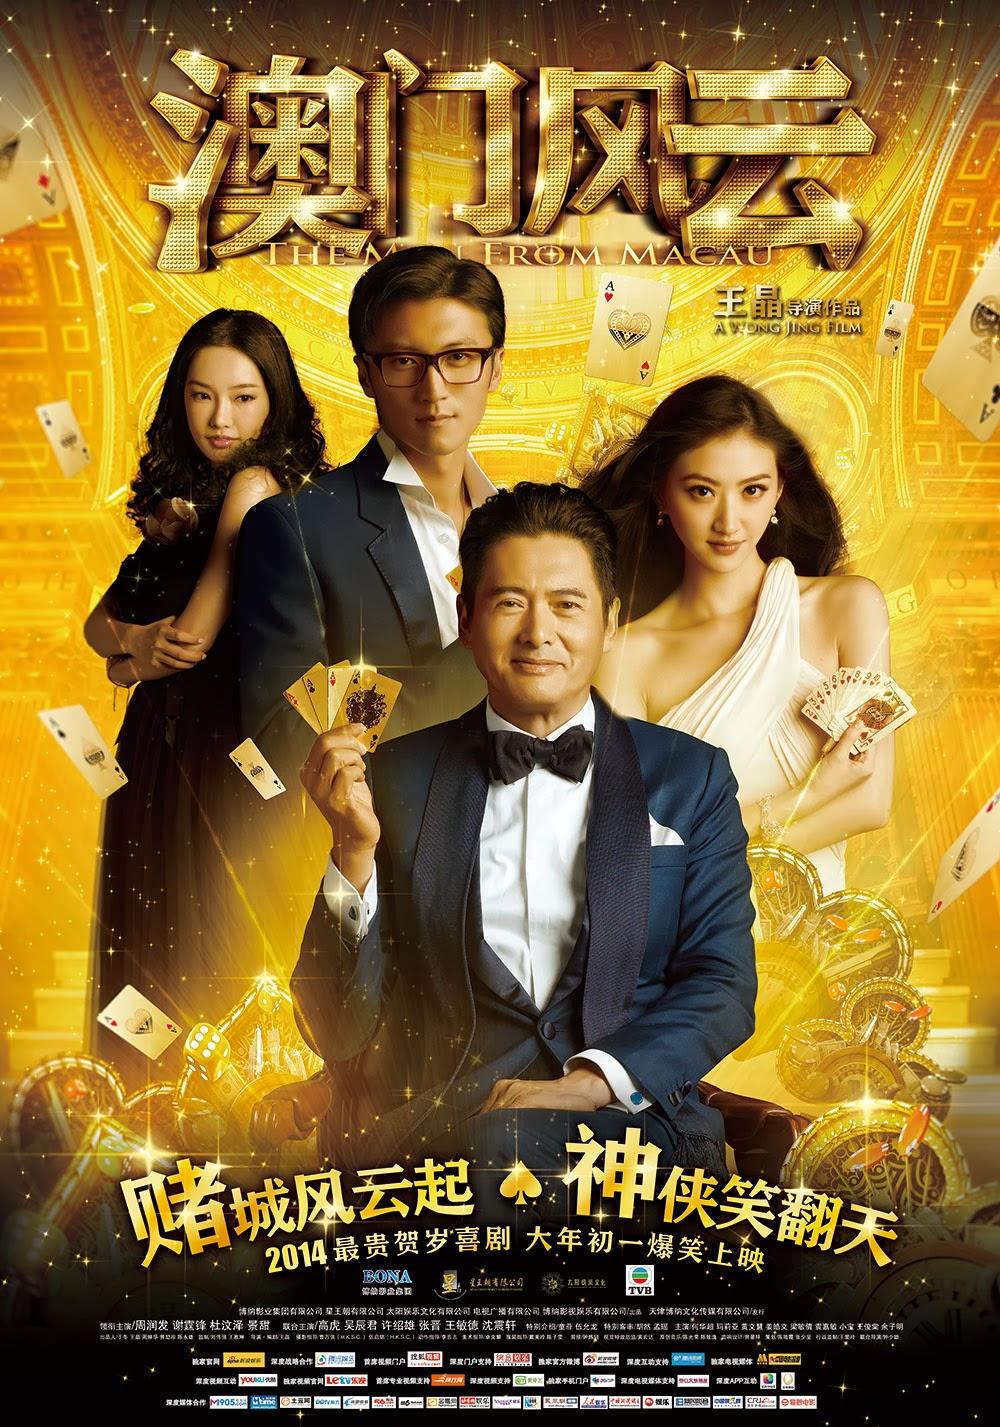 From Vegas to Macau โคตรเซียนมาเก๊าเขย่าเวกัส (ภาค 1) - MONO29 TV ...